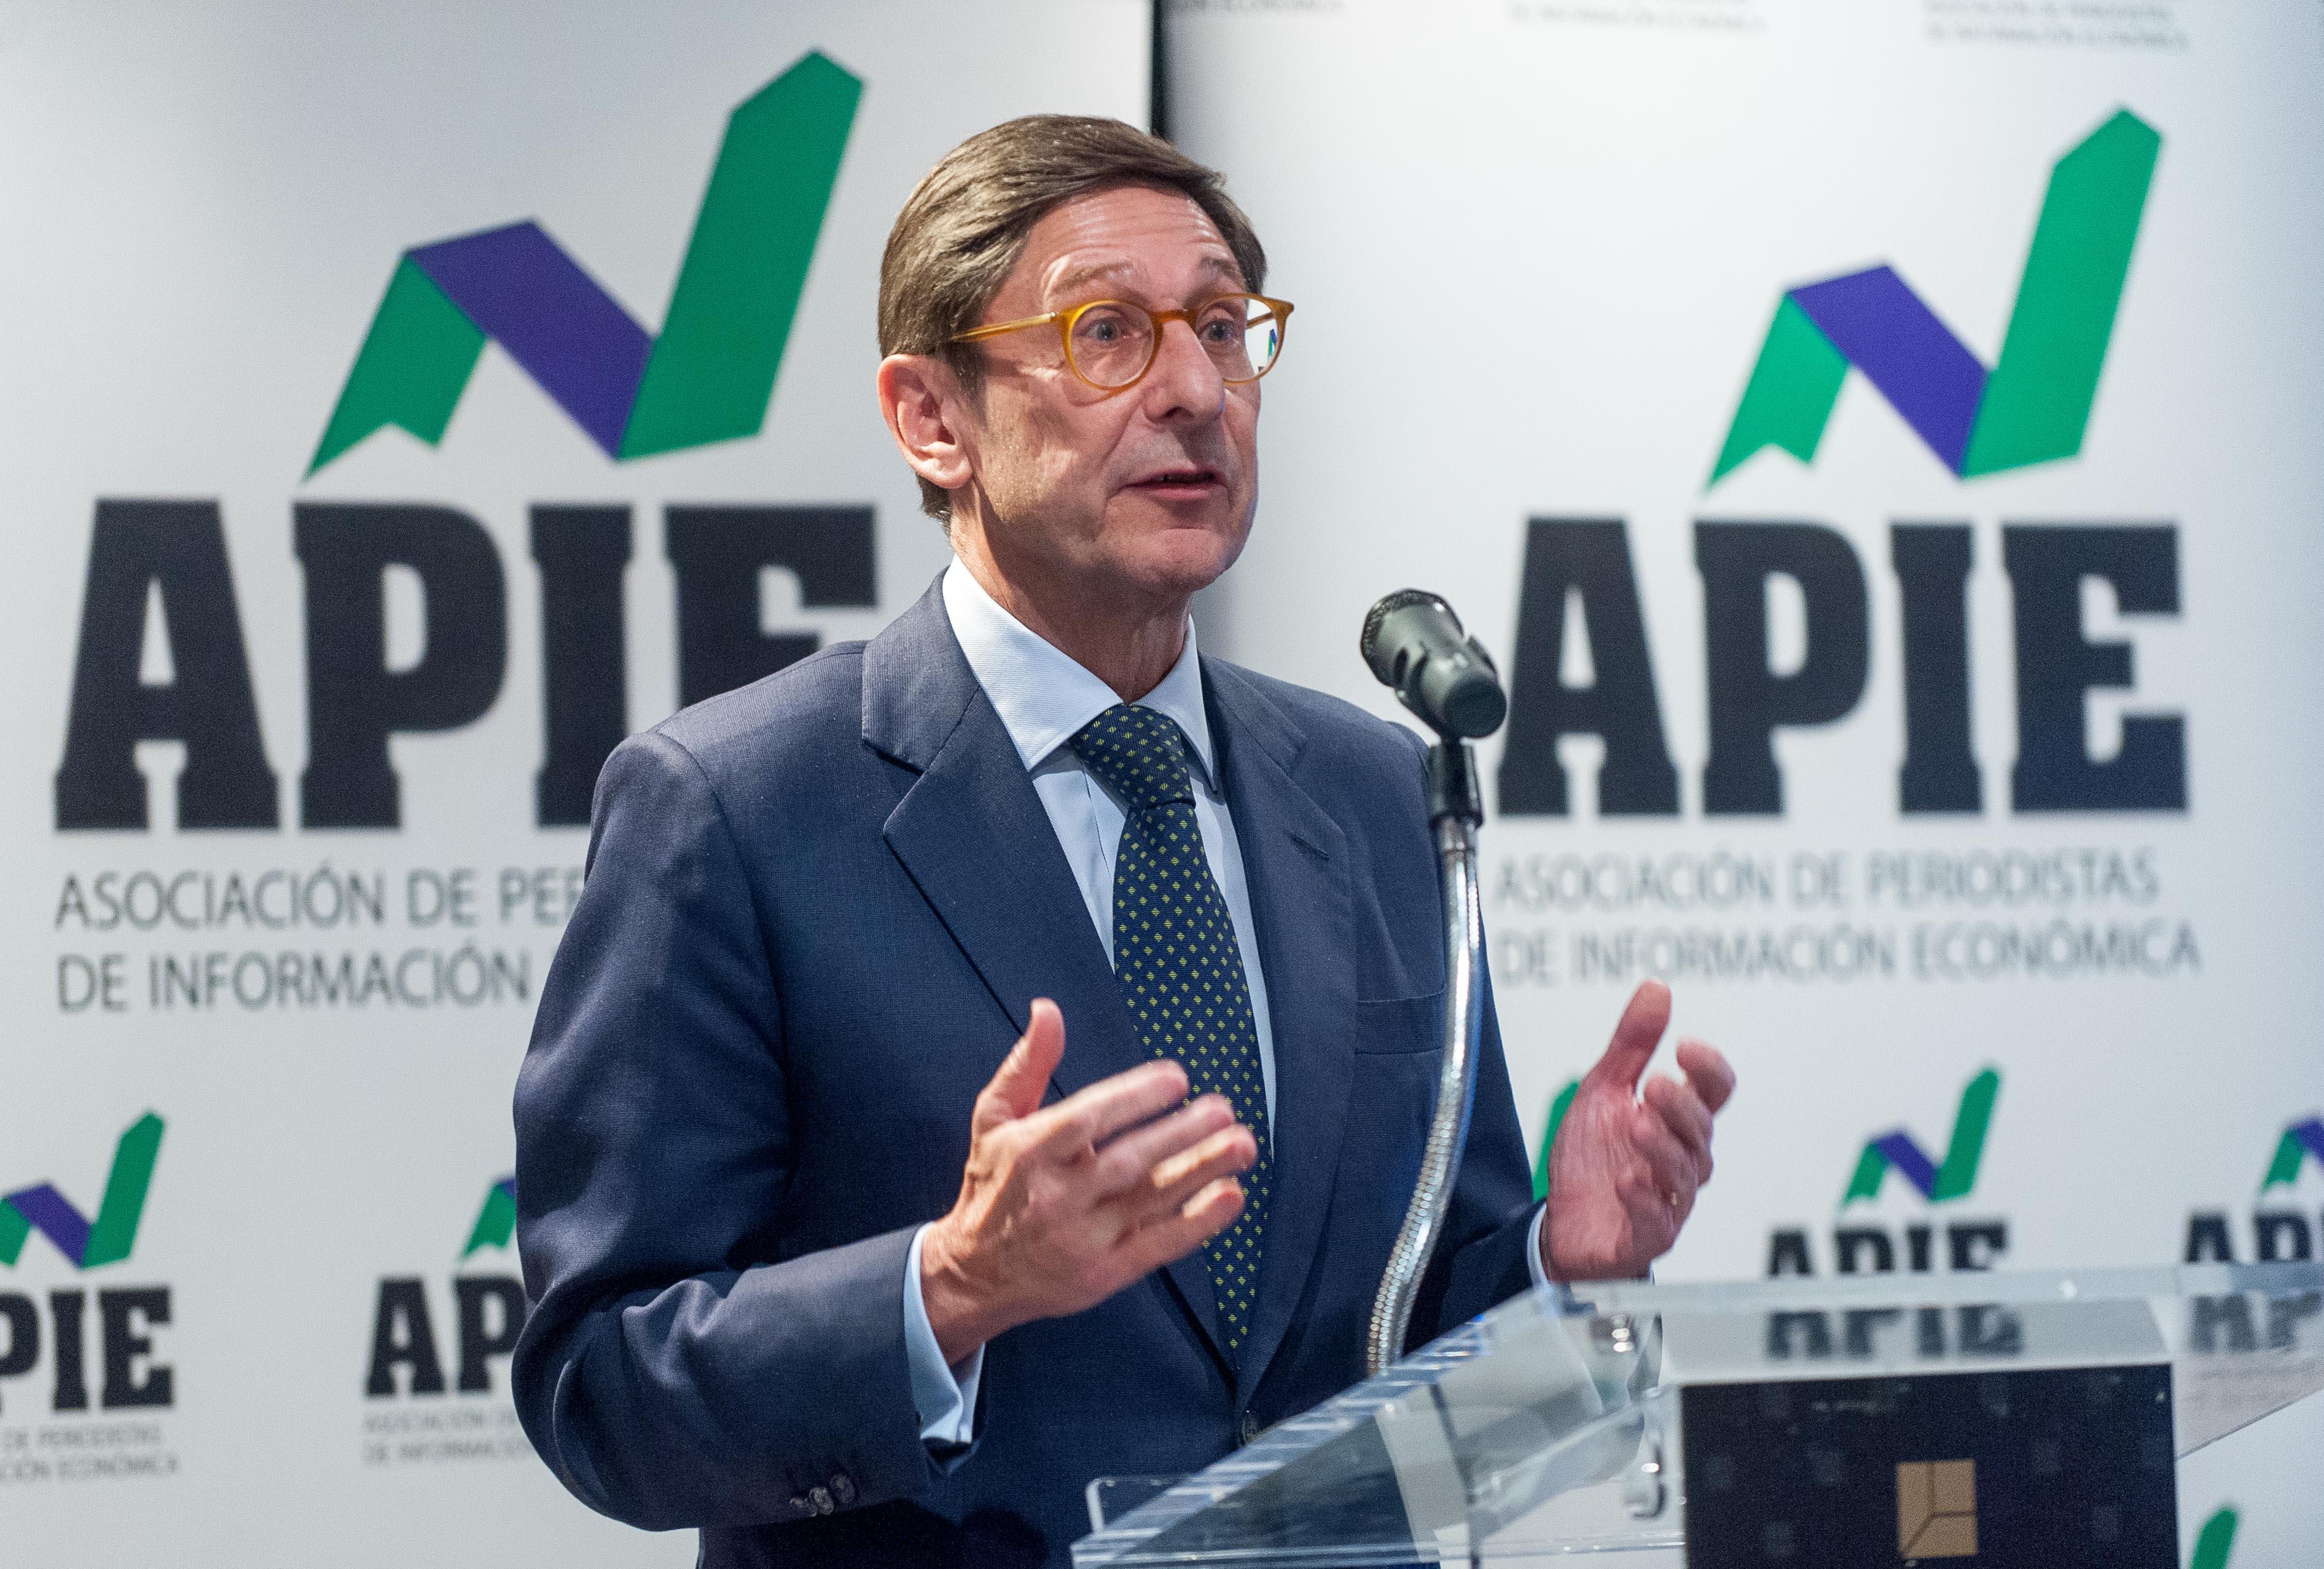 José Ignacio Goirigolzarri, presidente de Bankia, durante su discurso de agradecimiento tras recibir el Premio Tintero 2017 otorgado por la Asociación de Periodistas de Información Económica (APIE).